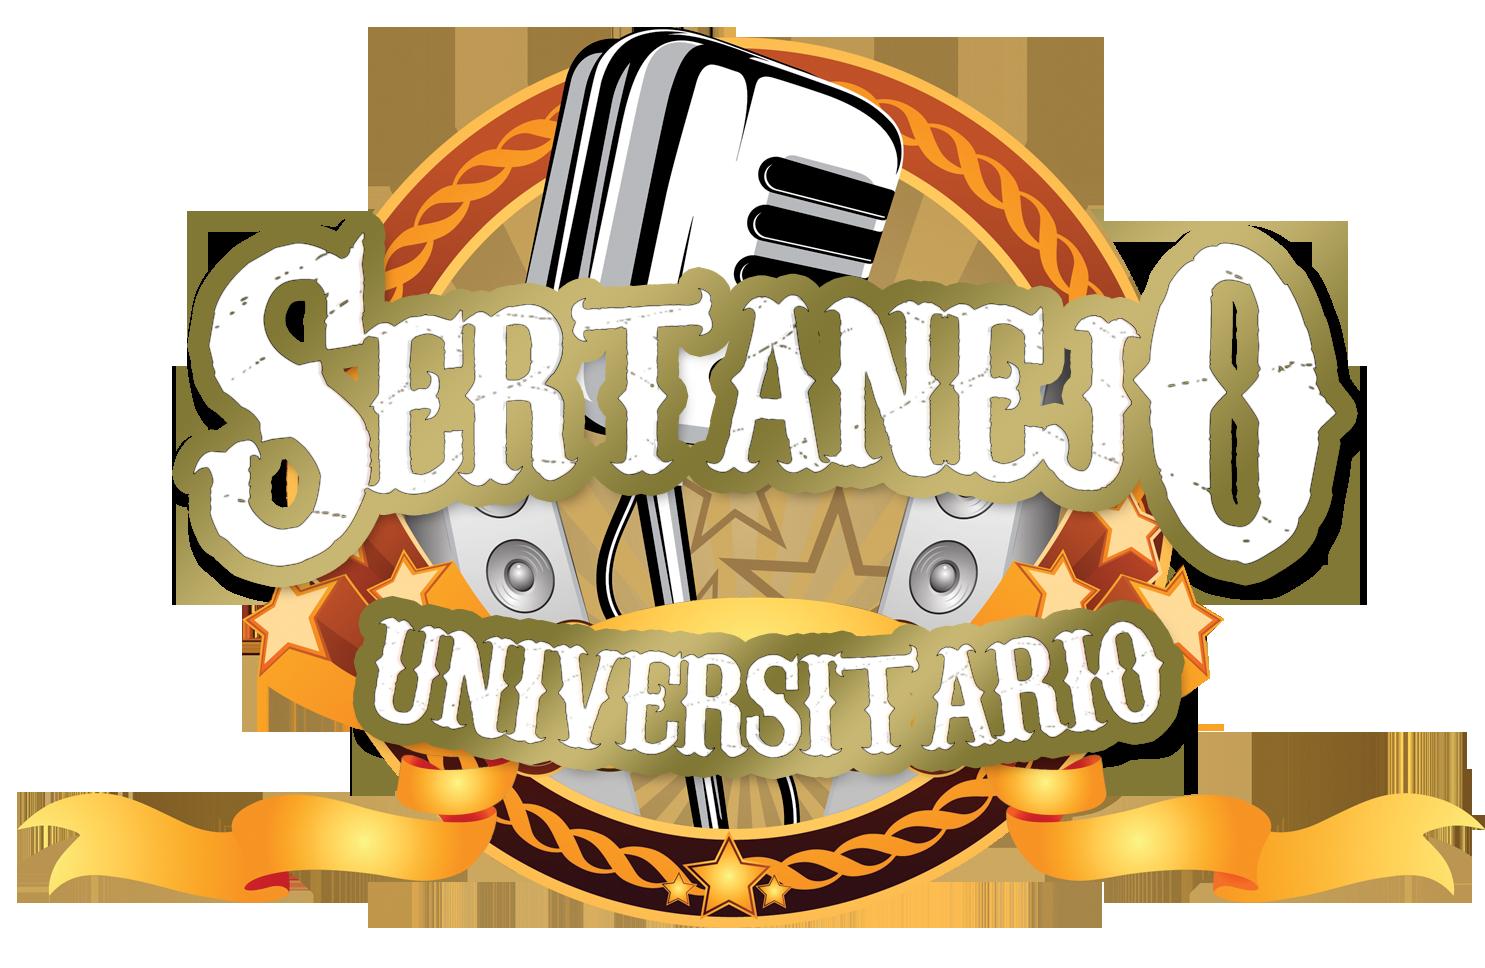 Logo Sertanejo Universitario Programa Da Radio Web Selecao Musical Web Radio Fundo Para Flyer Logos